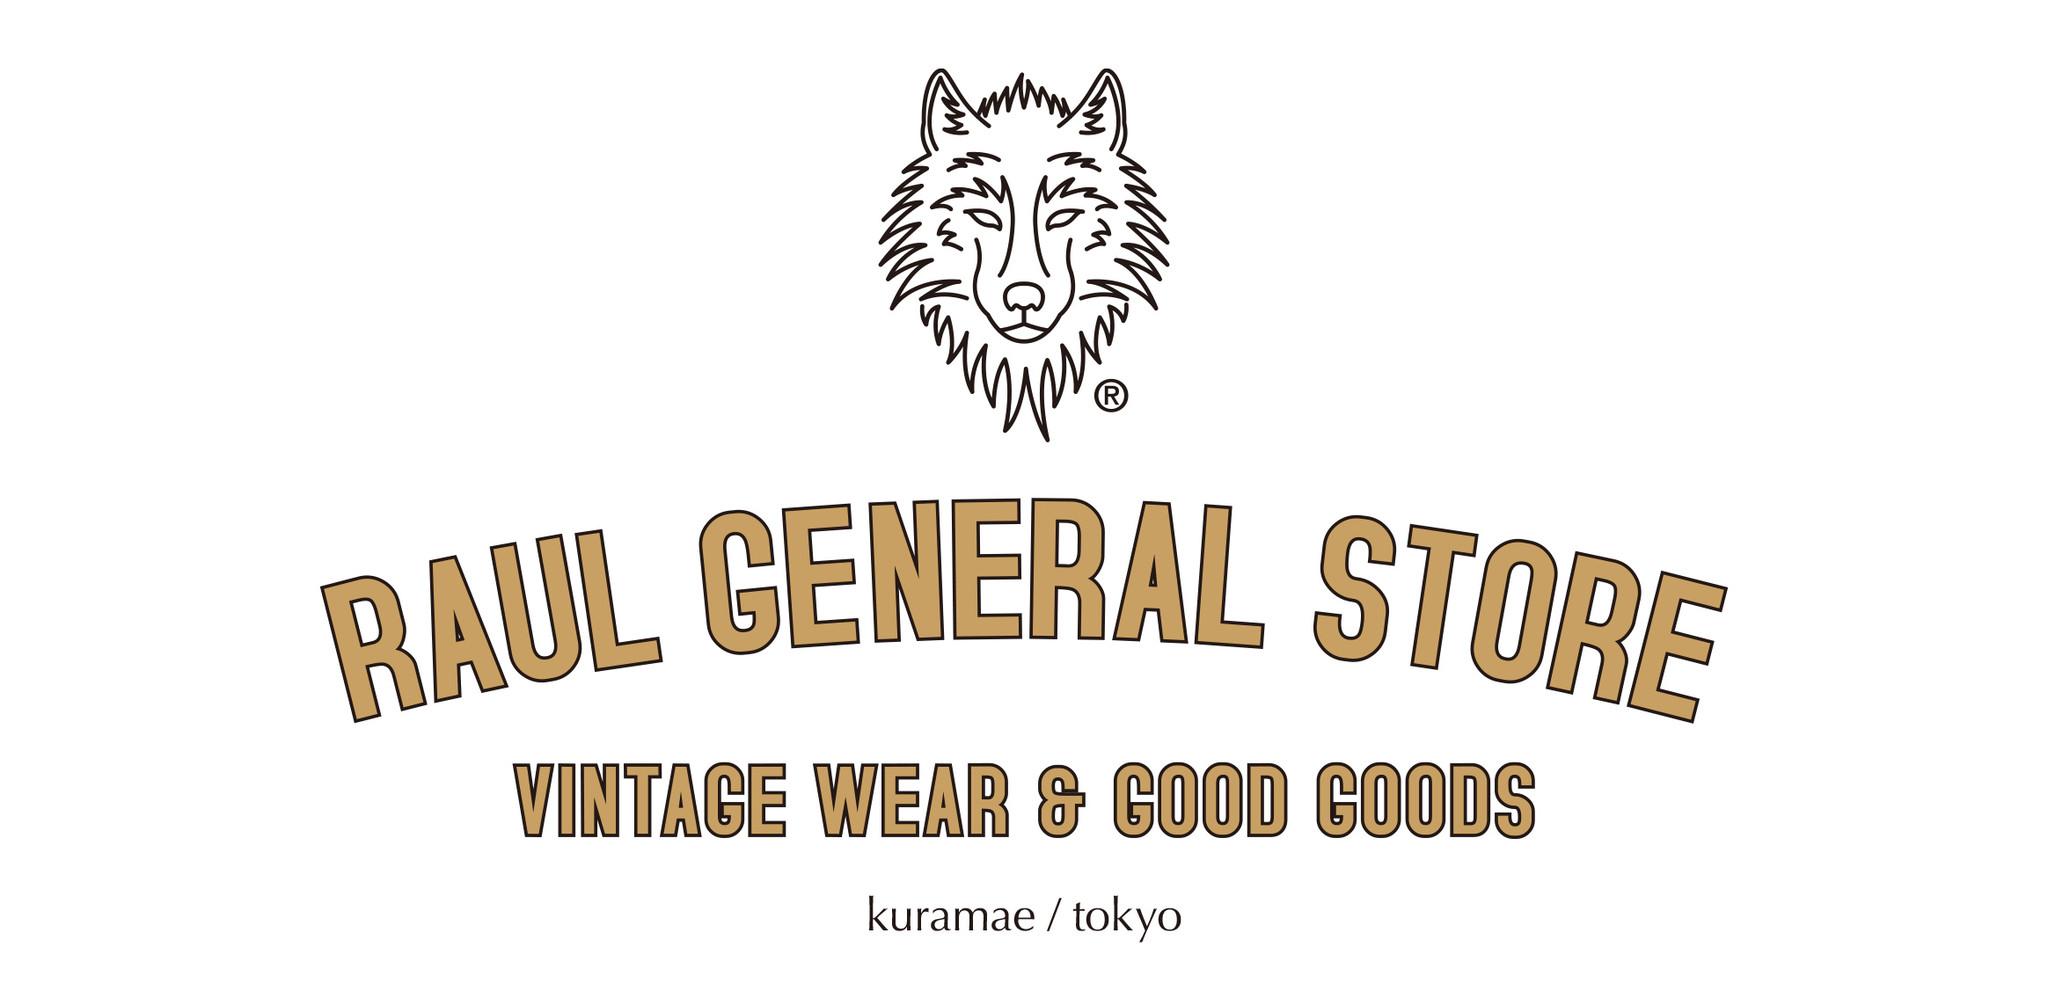 raul general store